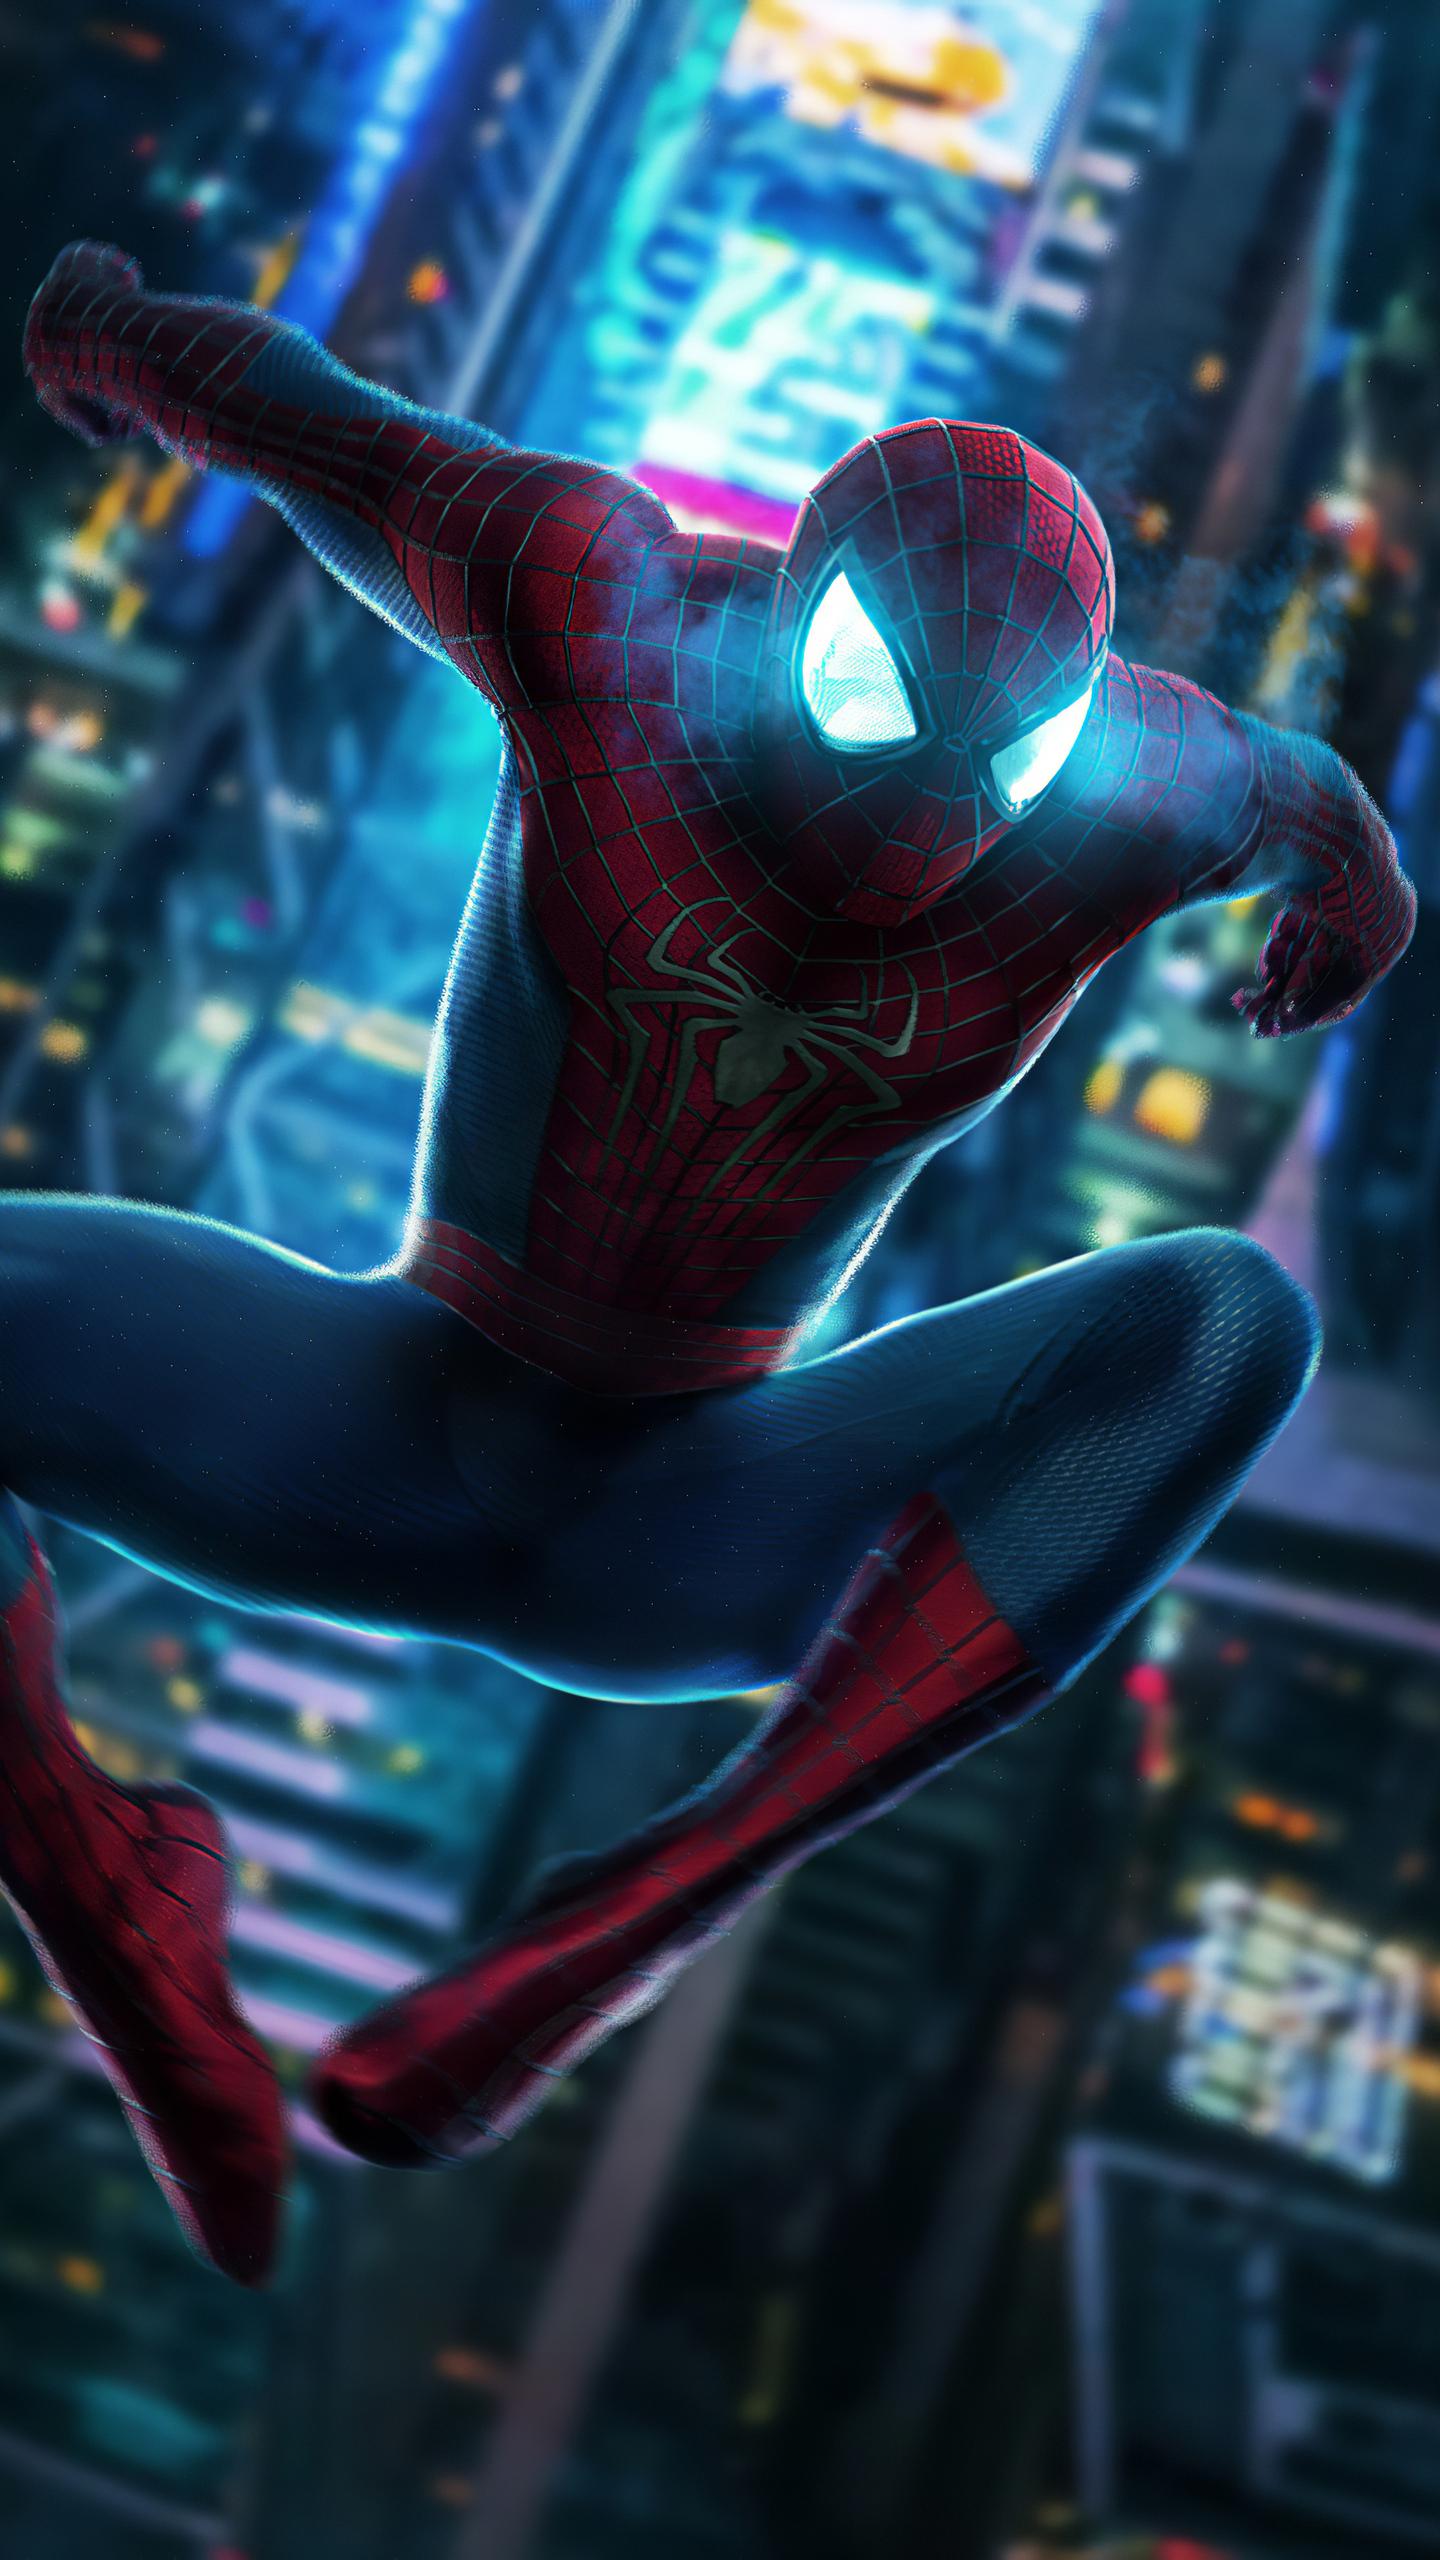 spiderman-eyes-glowing-po.jpg